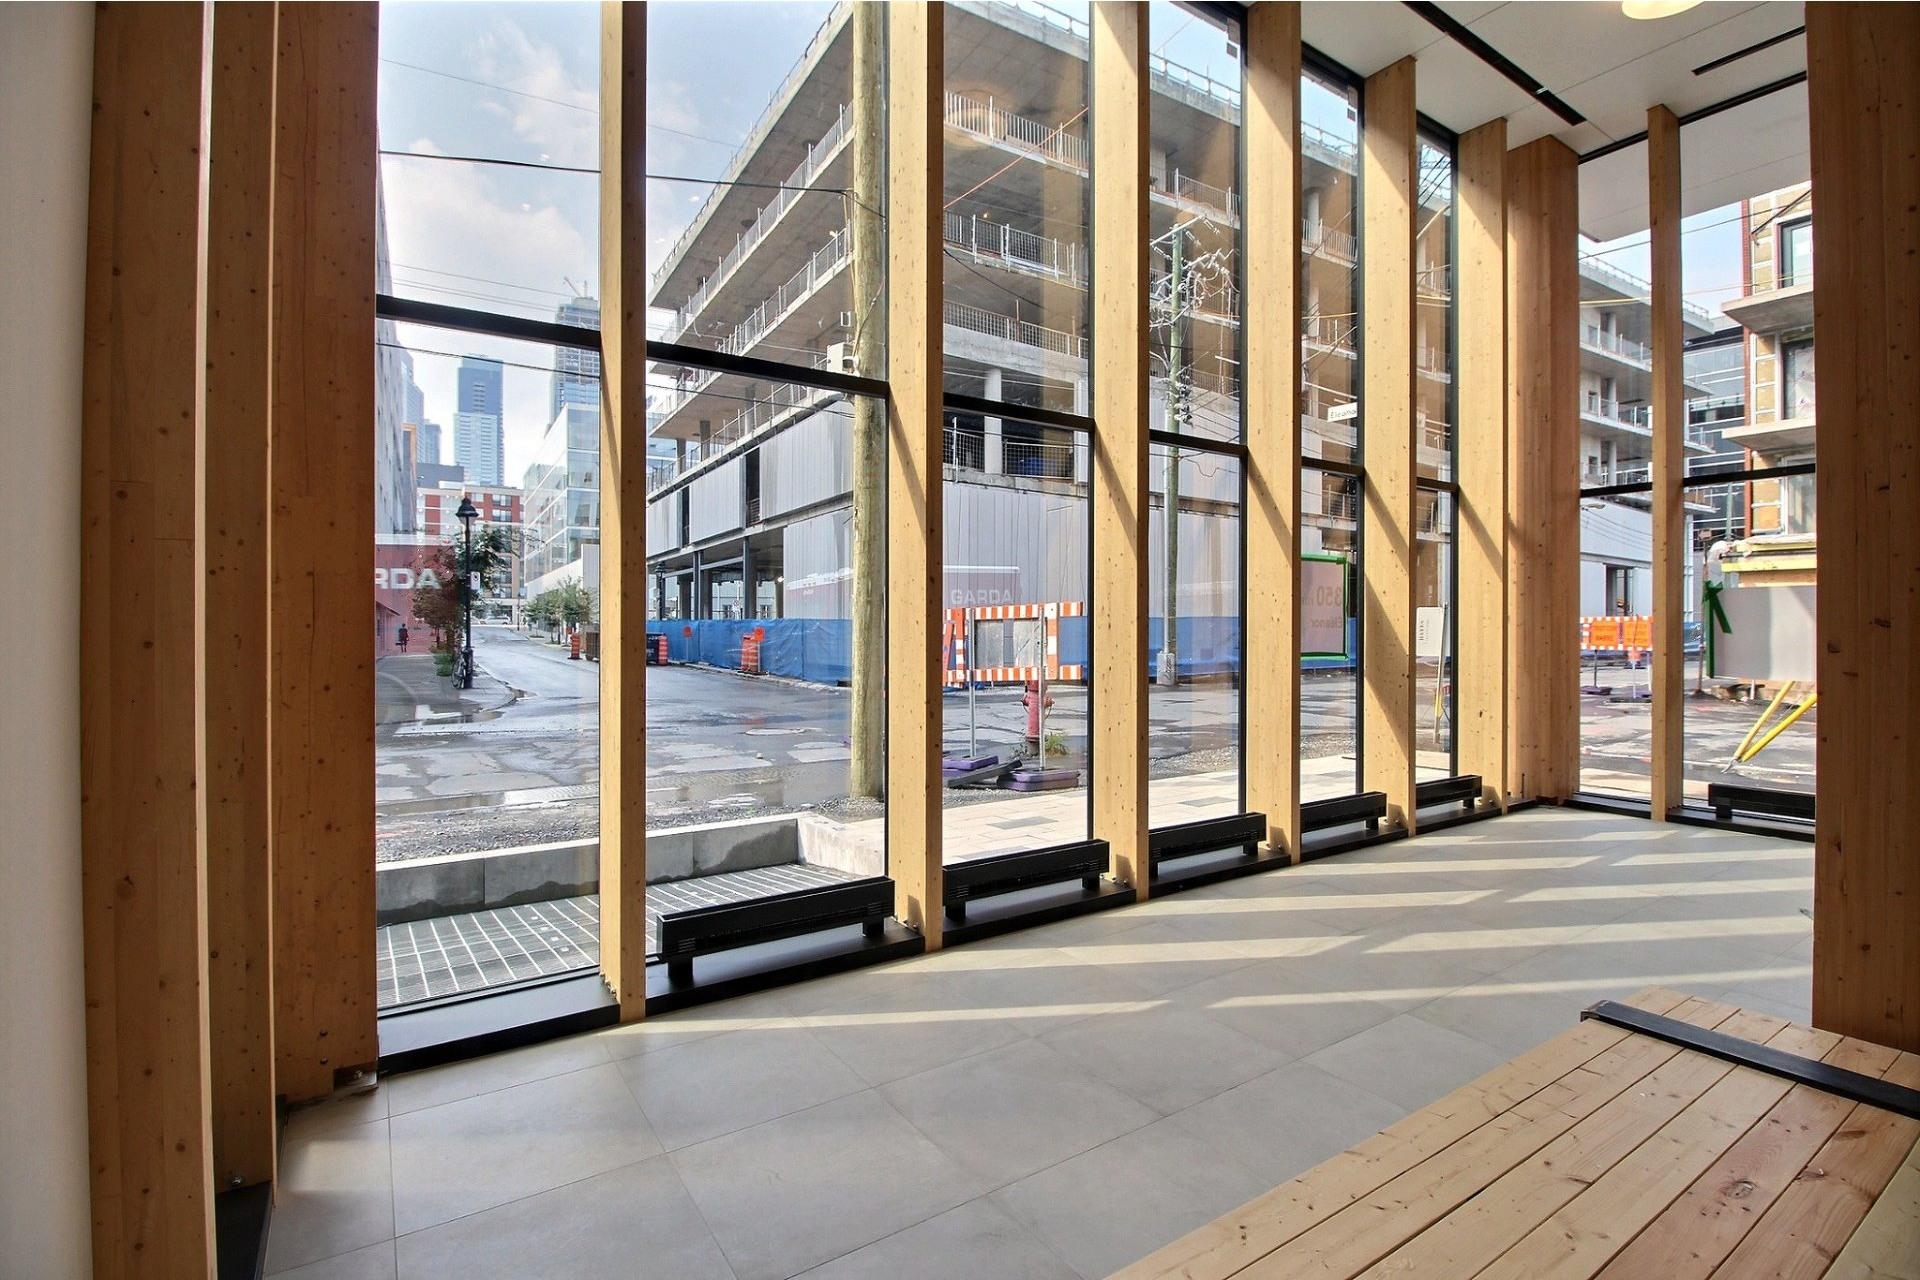 image 1 - Appartement À louer Montréal Le Sud-Ouest  - 4 pièces